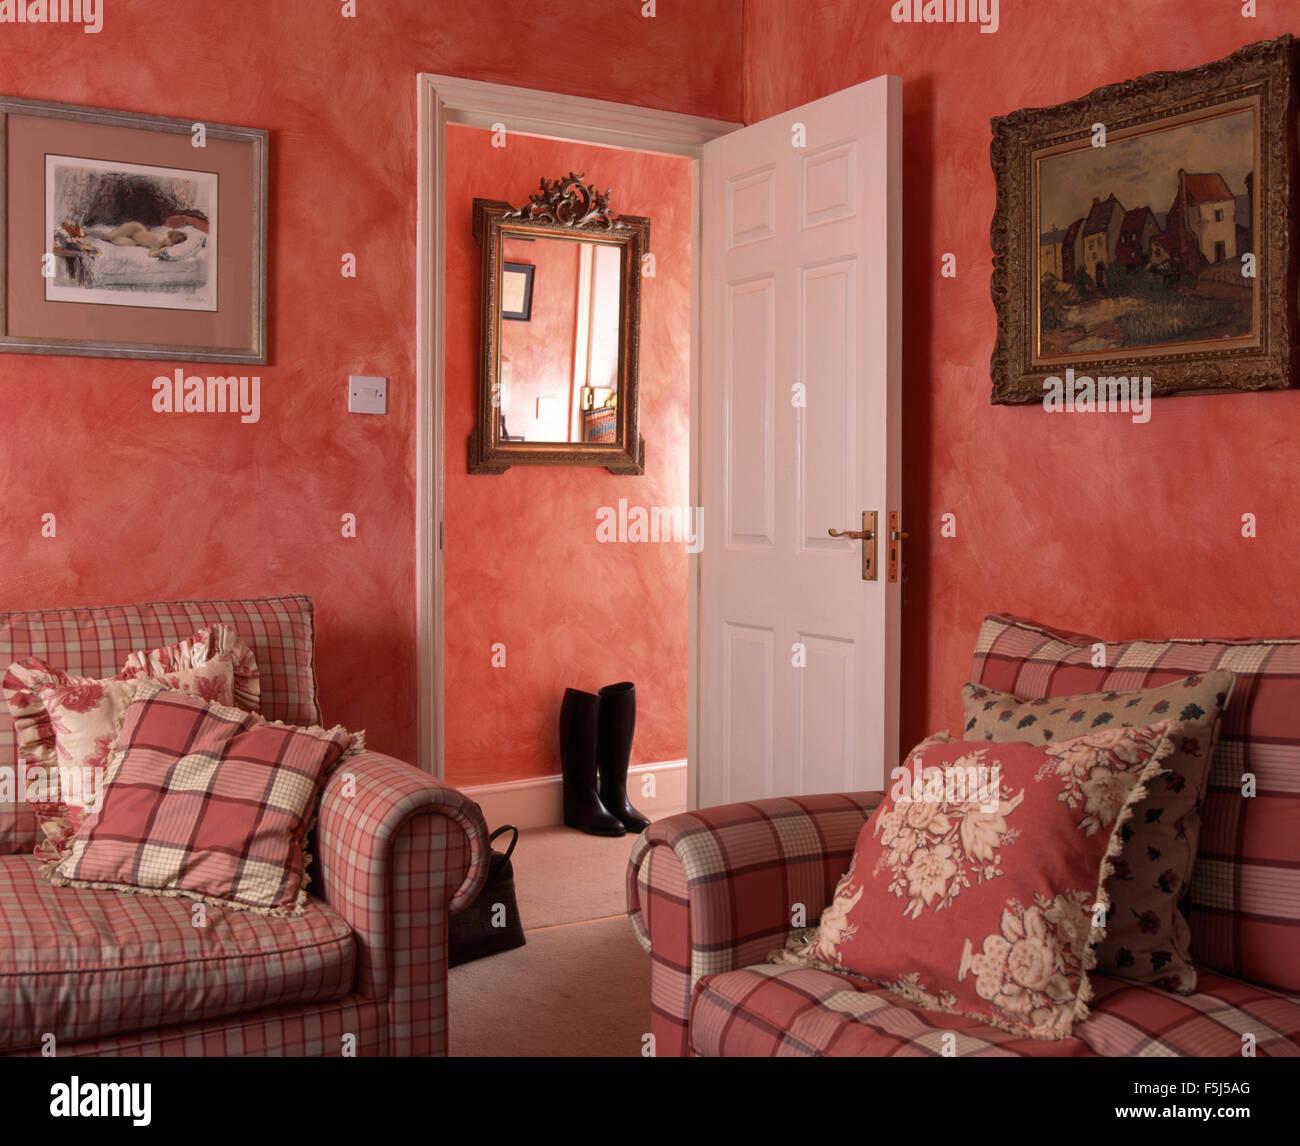 Roten aufgegebenes Sofas mit Kissen in einer roten neunziger Jahre ...